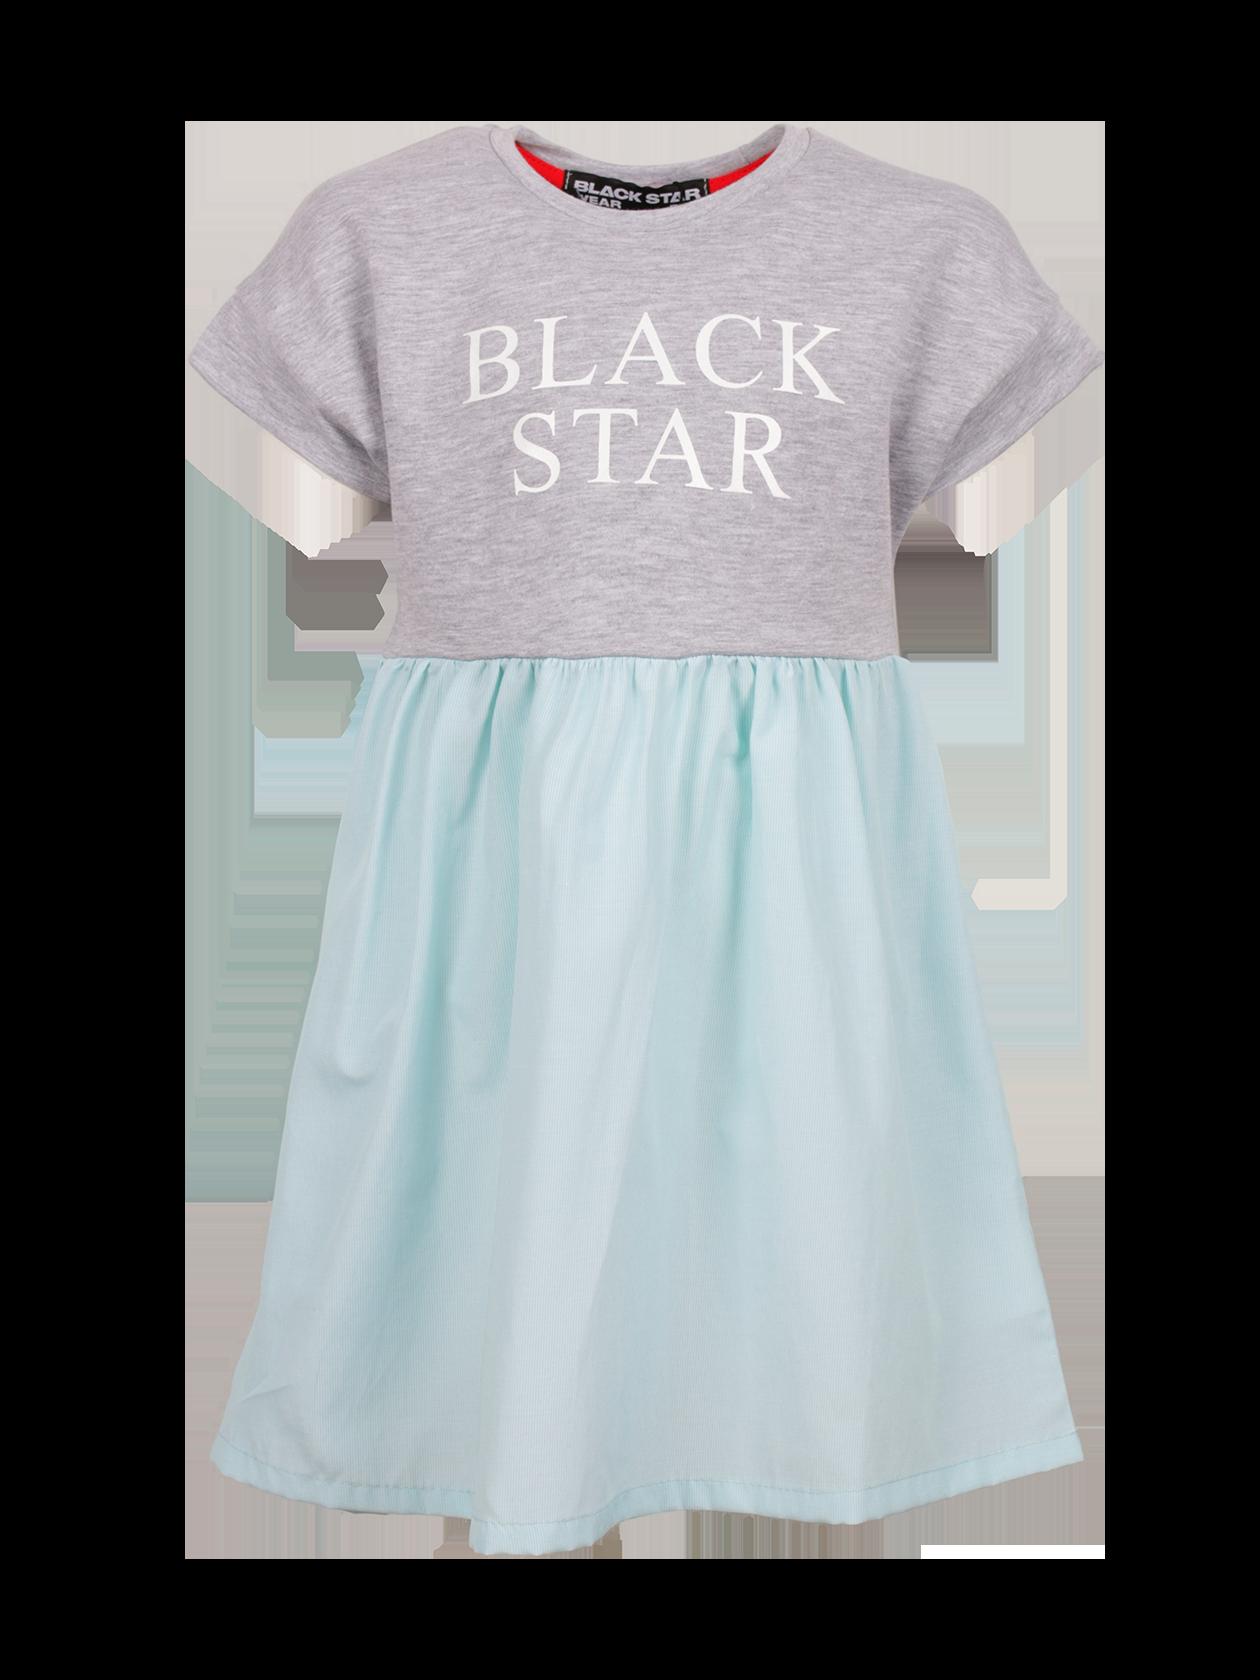 Платье детское STRIPS SKIRTПлатье детское Strips Skirt от бренда Black Star Wear – стильная и практичная вещь для юных модниц. Модель отрезного типа изготовлена из высококачественного натурального хлопка. Верх выполнен в виде футболки прямого свободного кроя с цельнокроеным коротким рукавом и горловиной округлой формы. Юбка со сборкой длиной чуть ниже колен. На груди оформлена крупная надпись Black Star. Верхняя часть представлена в сером цвете, нижняя – в голубом. Платье отлично сочетается как с классической обувью, так и спортивной, подходит для любого случая.<br><br>Размер: 11-12 years<br>Цвет: Серый<br>Пол: Унисекс